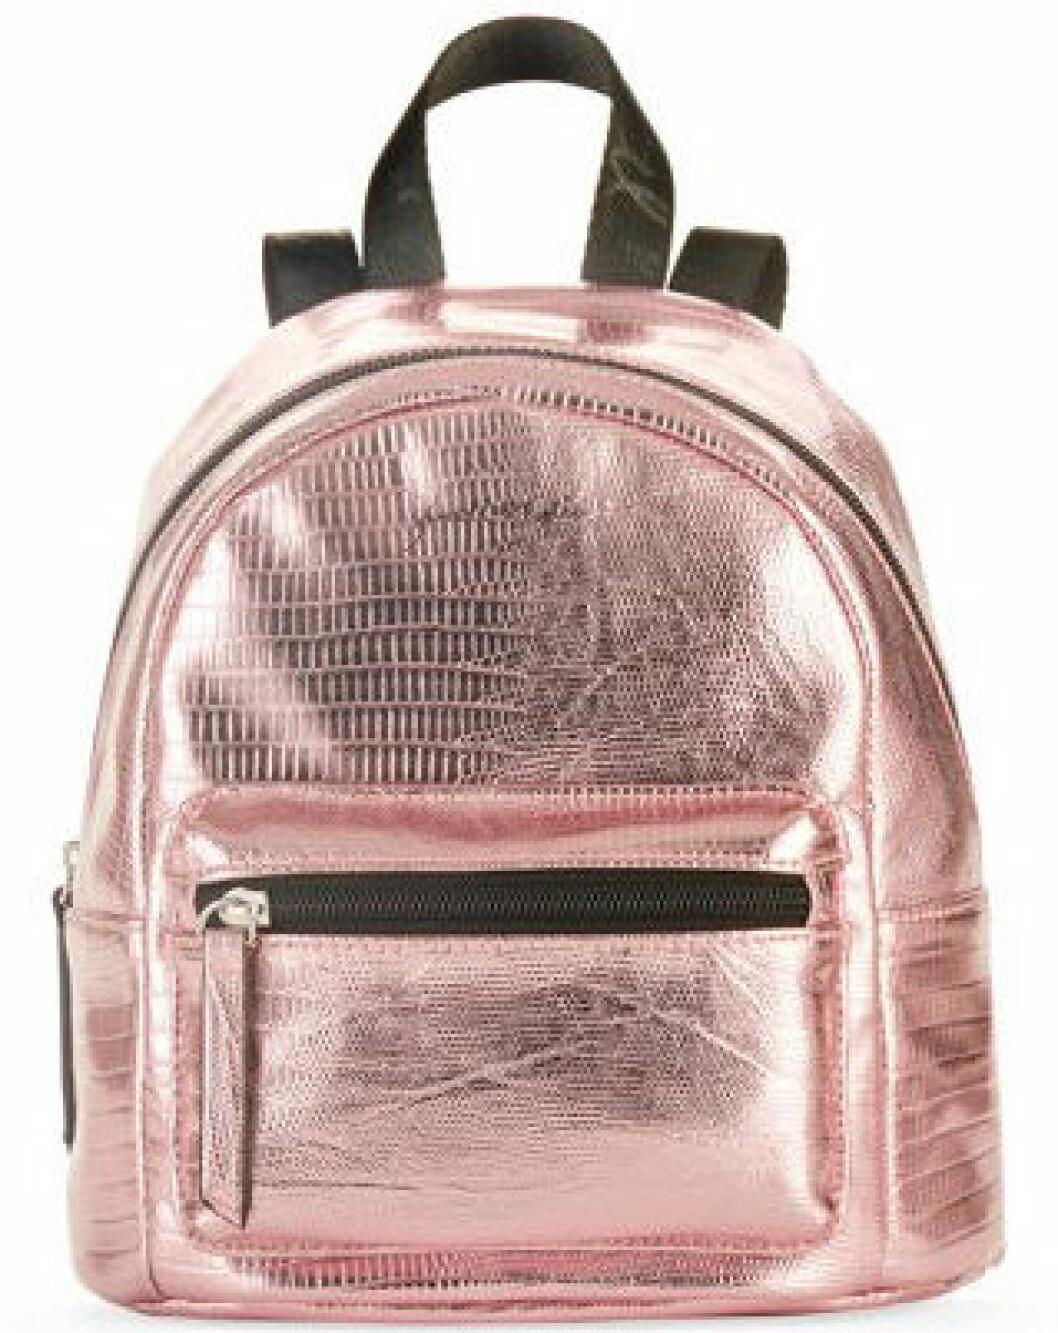 En bild på en ryggsäck i rosa metallic från Kendall och Kylie Jenners väskkollektion för Walmart.